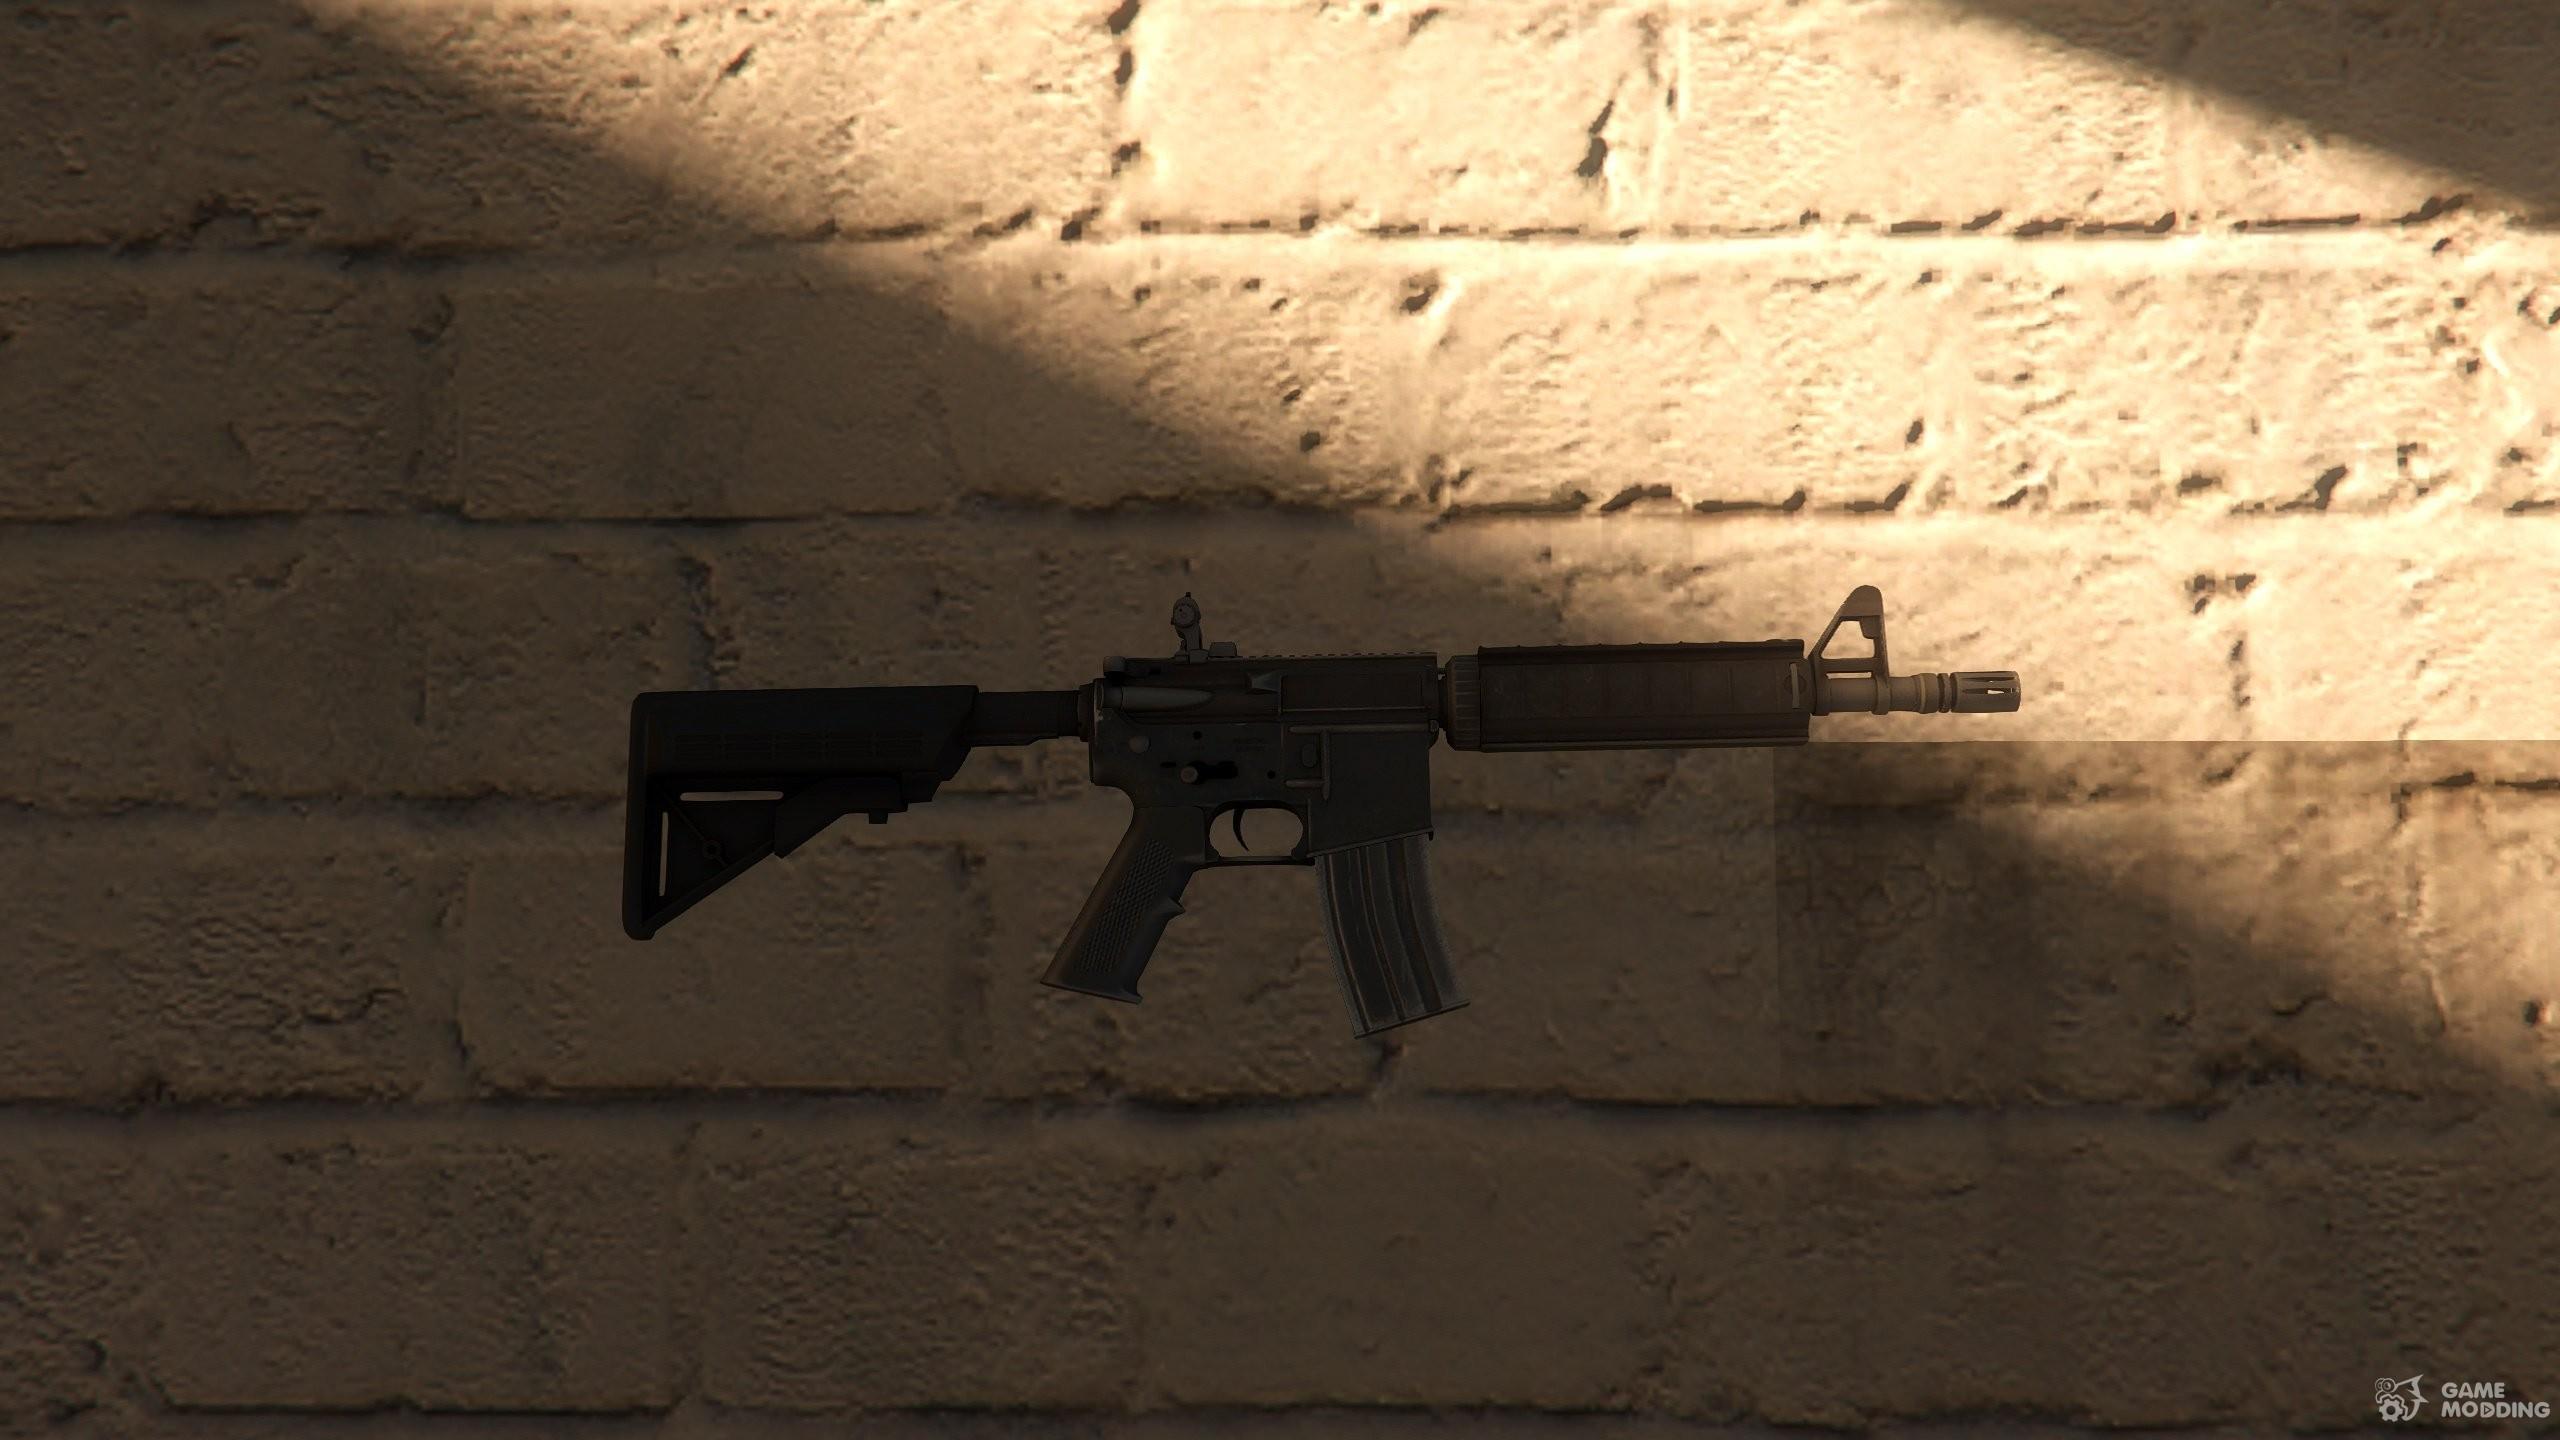 csgo how to put weapon left